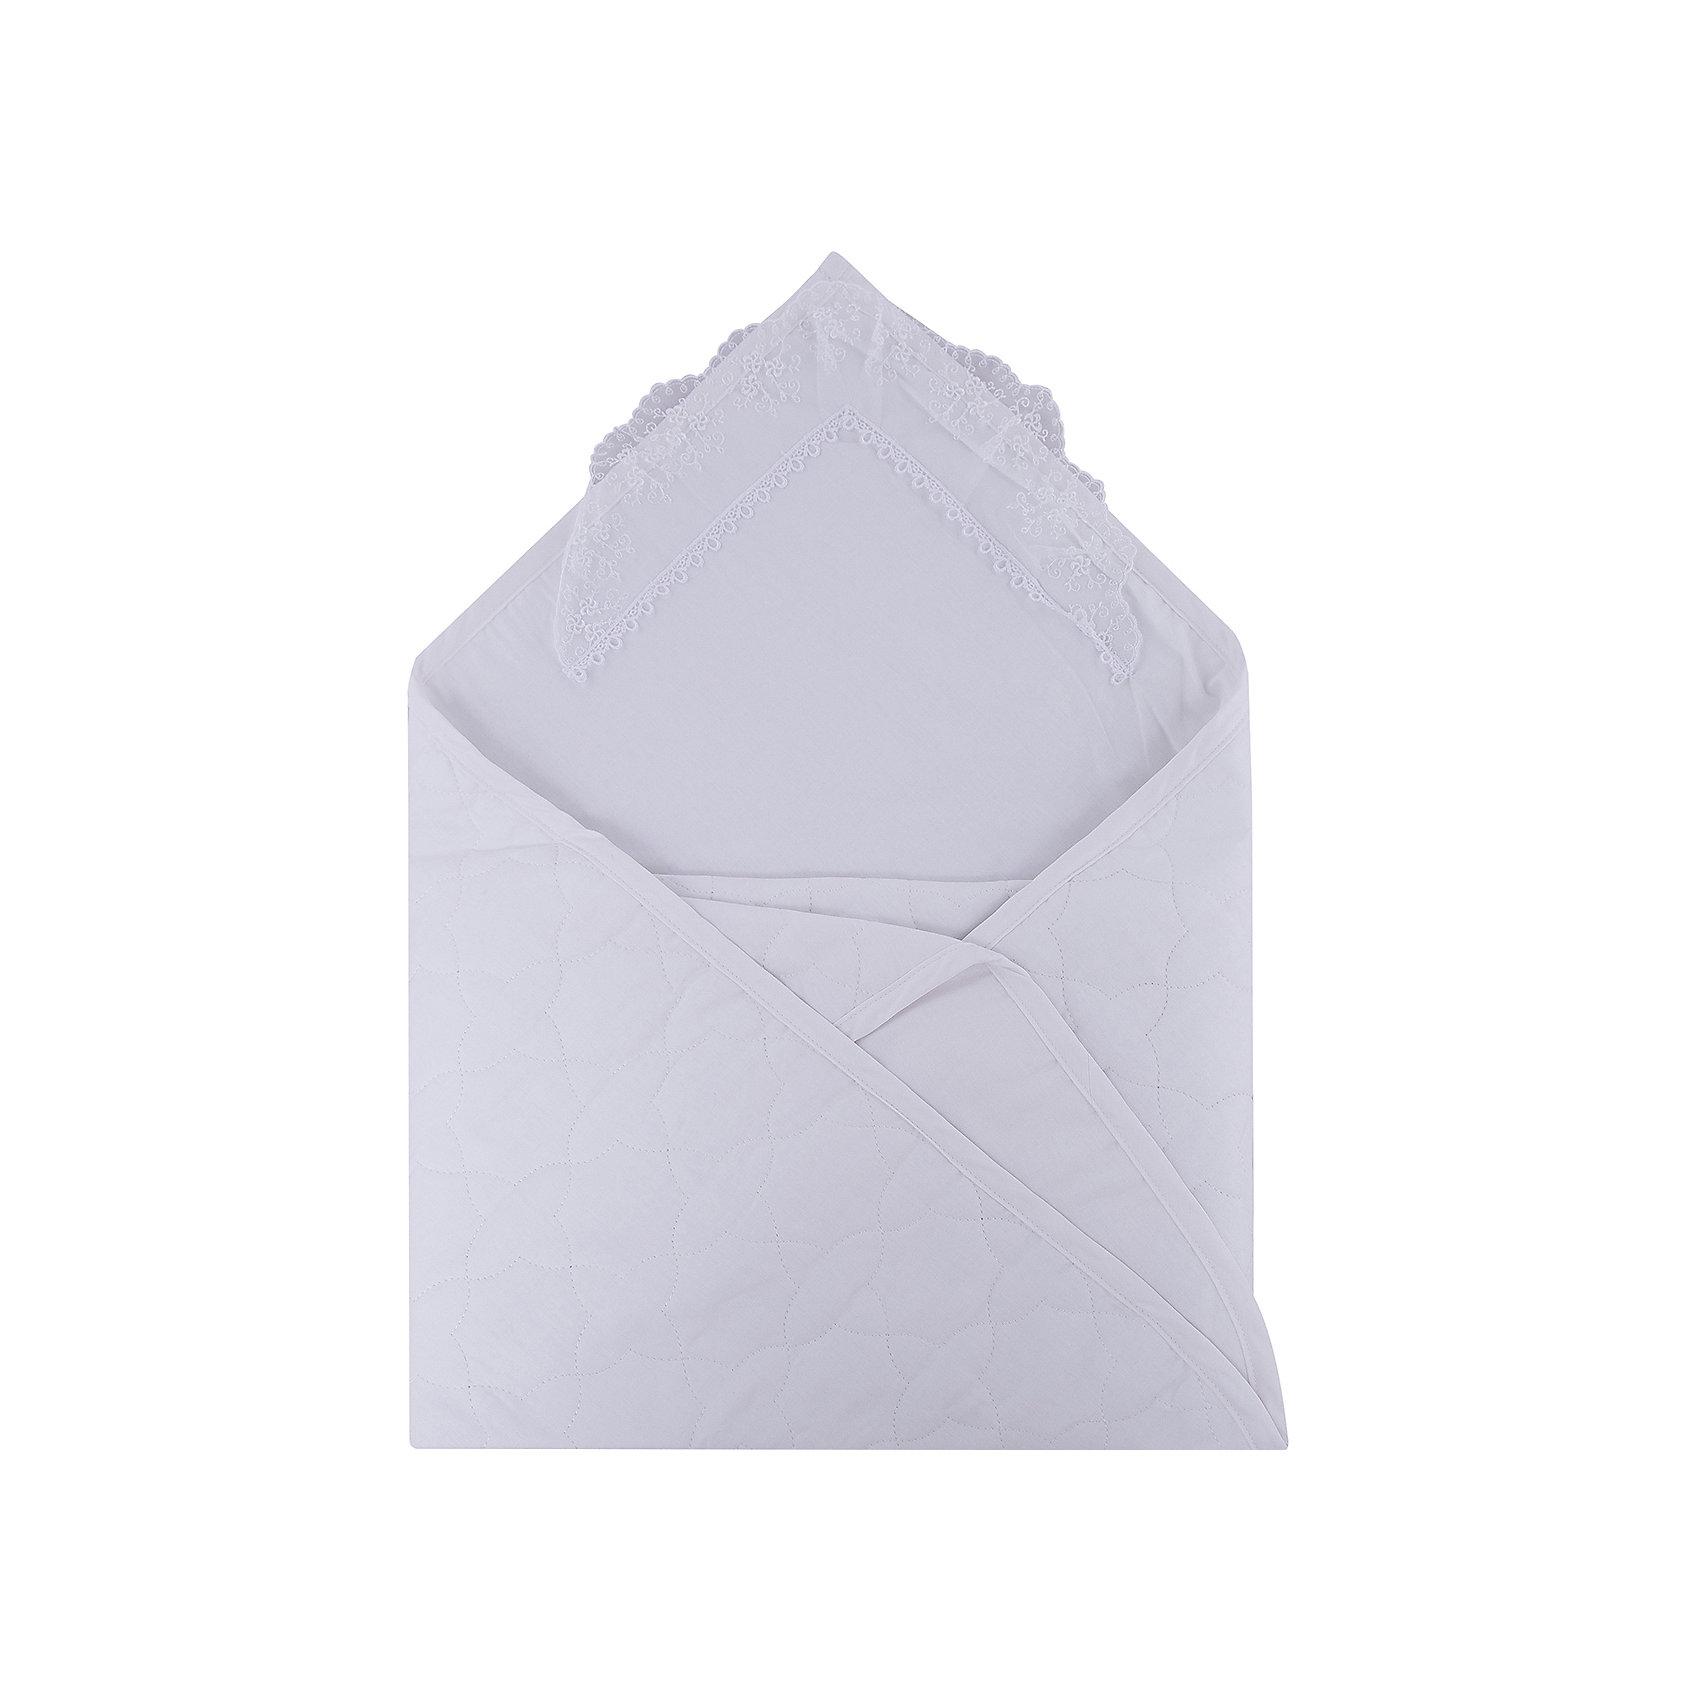 Одеяло-конверт Ласточка, 920/0, Сонный Гномик белыйОдеяла, пледы<br>Комплектация: Конверт-одеяло<br>Размер, см: 100х100<br>Температурный режим, °С: От +15 до +25<br>Сезонность: Весна, осен, лето<br>Материал верха: Сатин (100% хлопок)<br>Материал основы: Сатин (100% хлопок) <br>Наполнитель: Синтепон (плотность 60г/кв.м)<br><br>Ширина мм: 35<br>Глубина мм: 10<br>Высота мм: 40<br>Вес г: 340<br>Возраст от месяцев: 0<br>Возраст до месяцев: 36<br>Пол: Унисекс<br>Возраст: Детский<br>SKU: 5454123